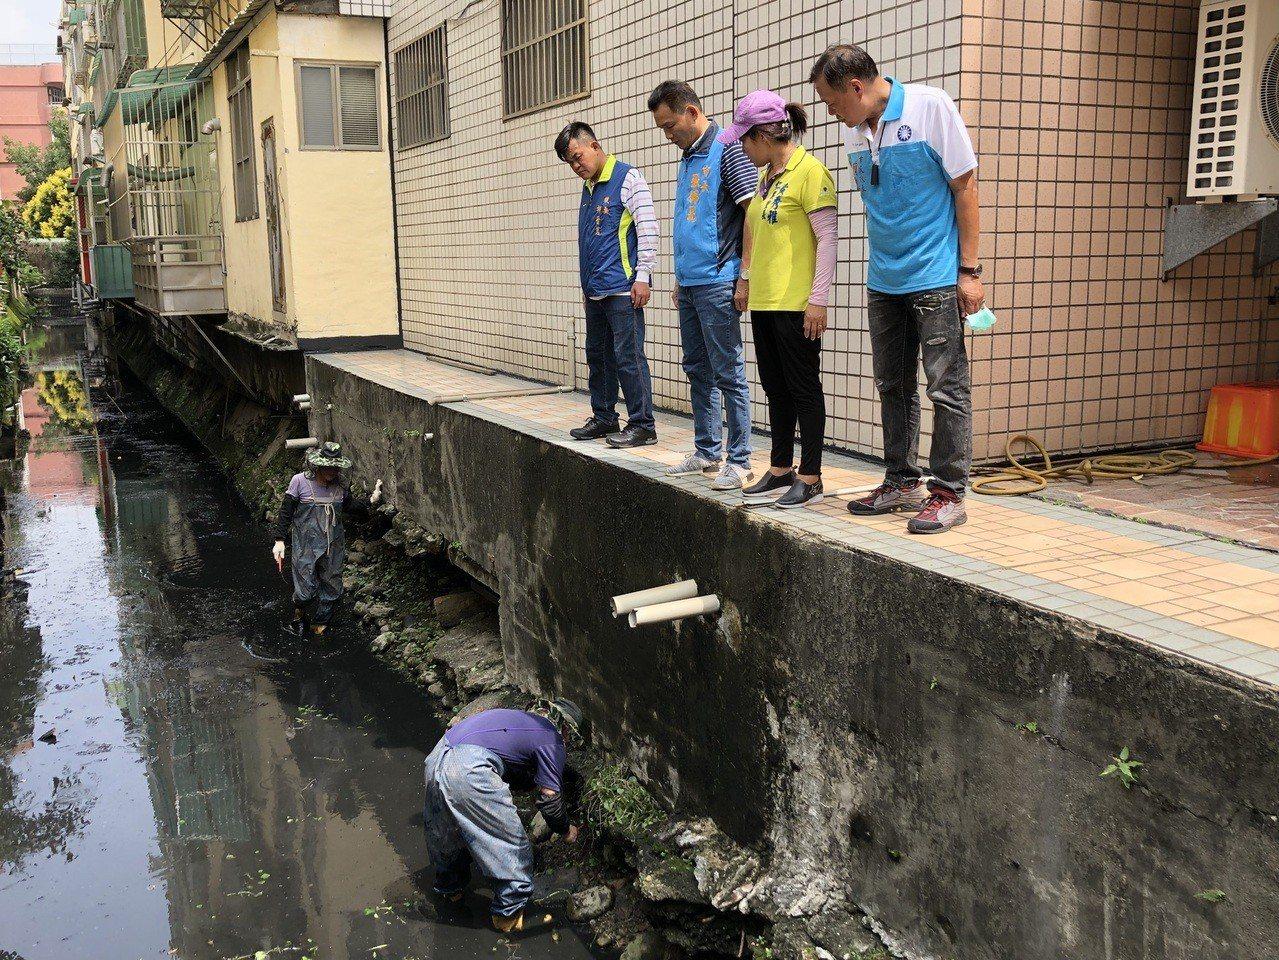 員林市清潔隊員今天到大同國附近社區的大排水溝進行清淤。記者何烱榮/攝影